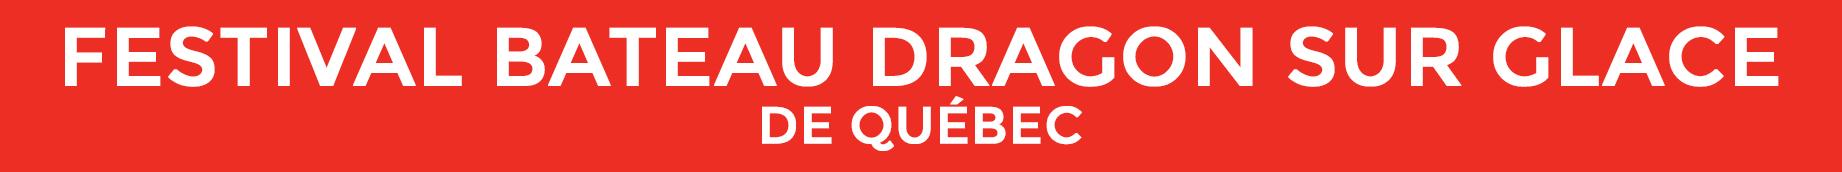 Festival bateau dragon sur glace de Québec